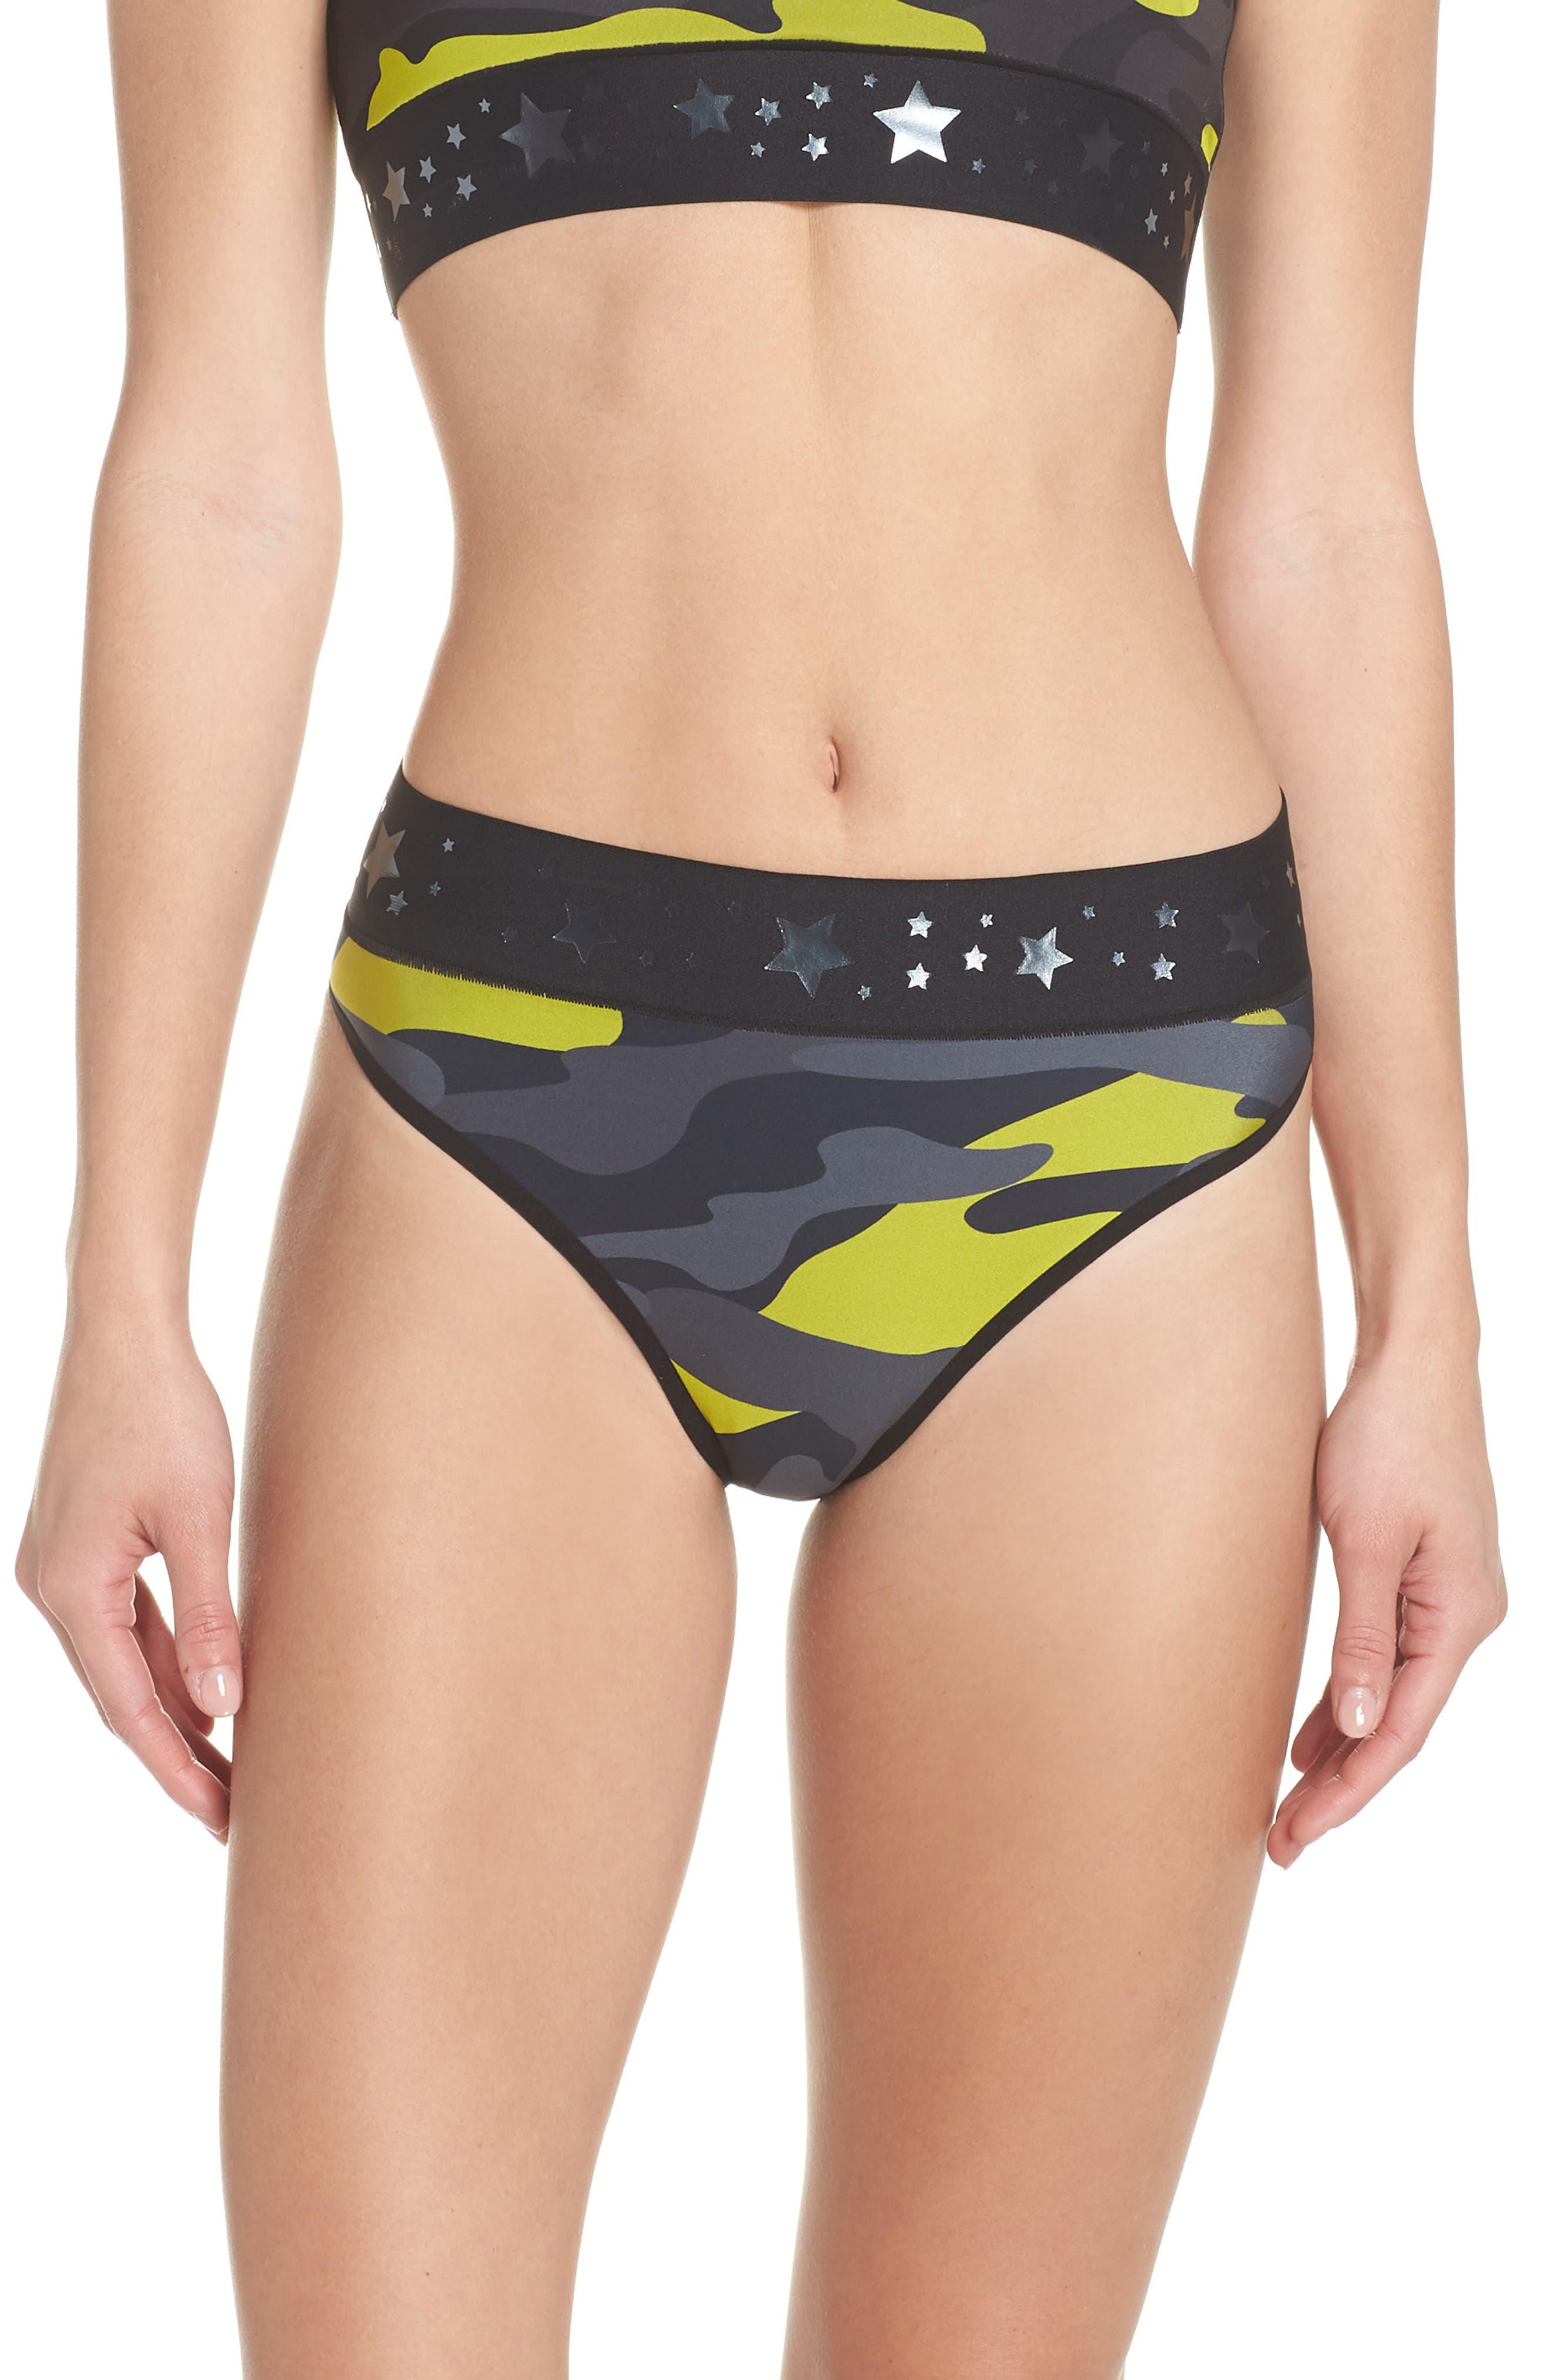 Argon Camo High Waist Bikini Bottoms,                         Main,                         color, 020